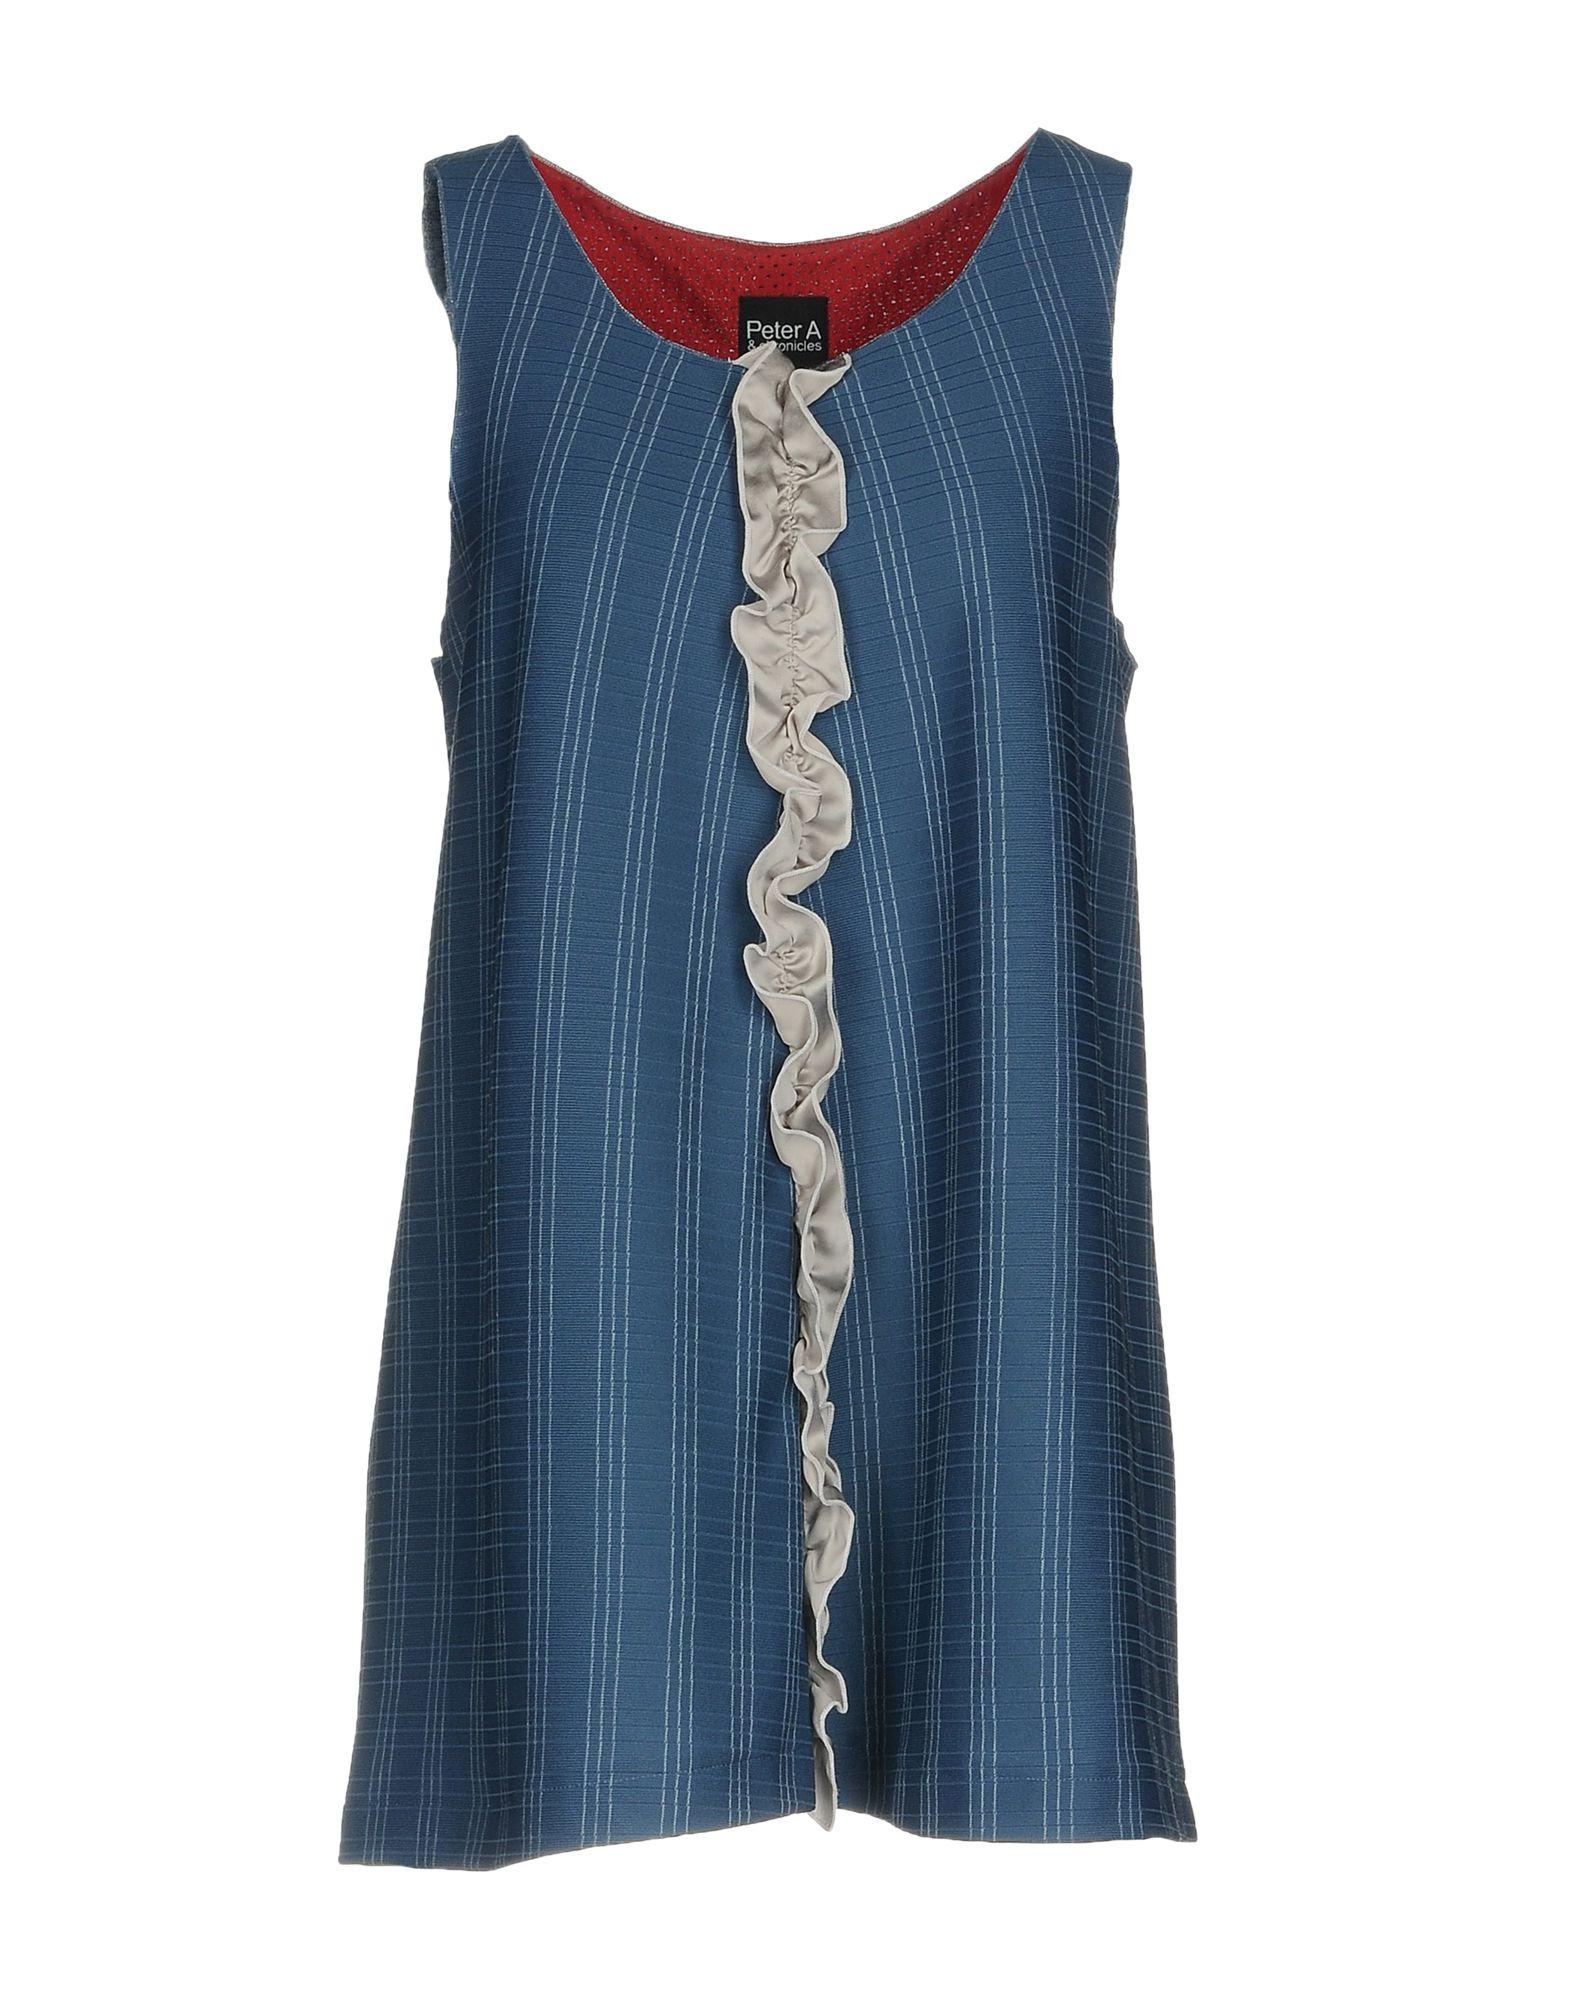 PETER A & CHRONICLES Топ без рукавов сувенир ohmypeter значок деревянный цветной peter hi в блистере omp40081